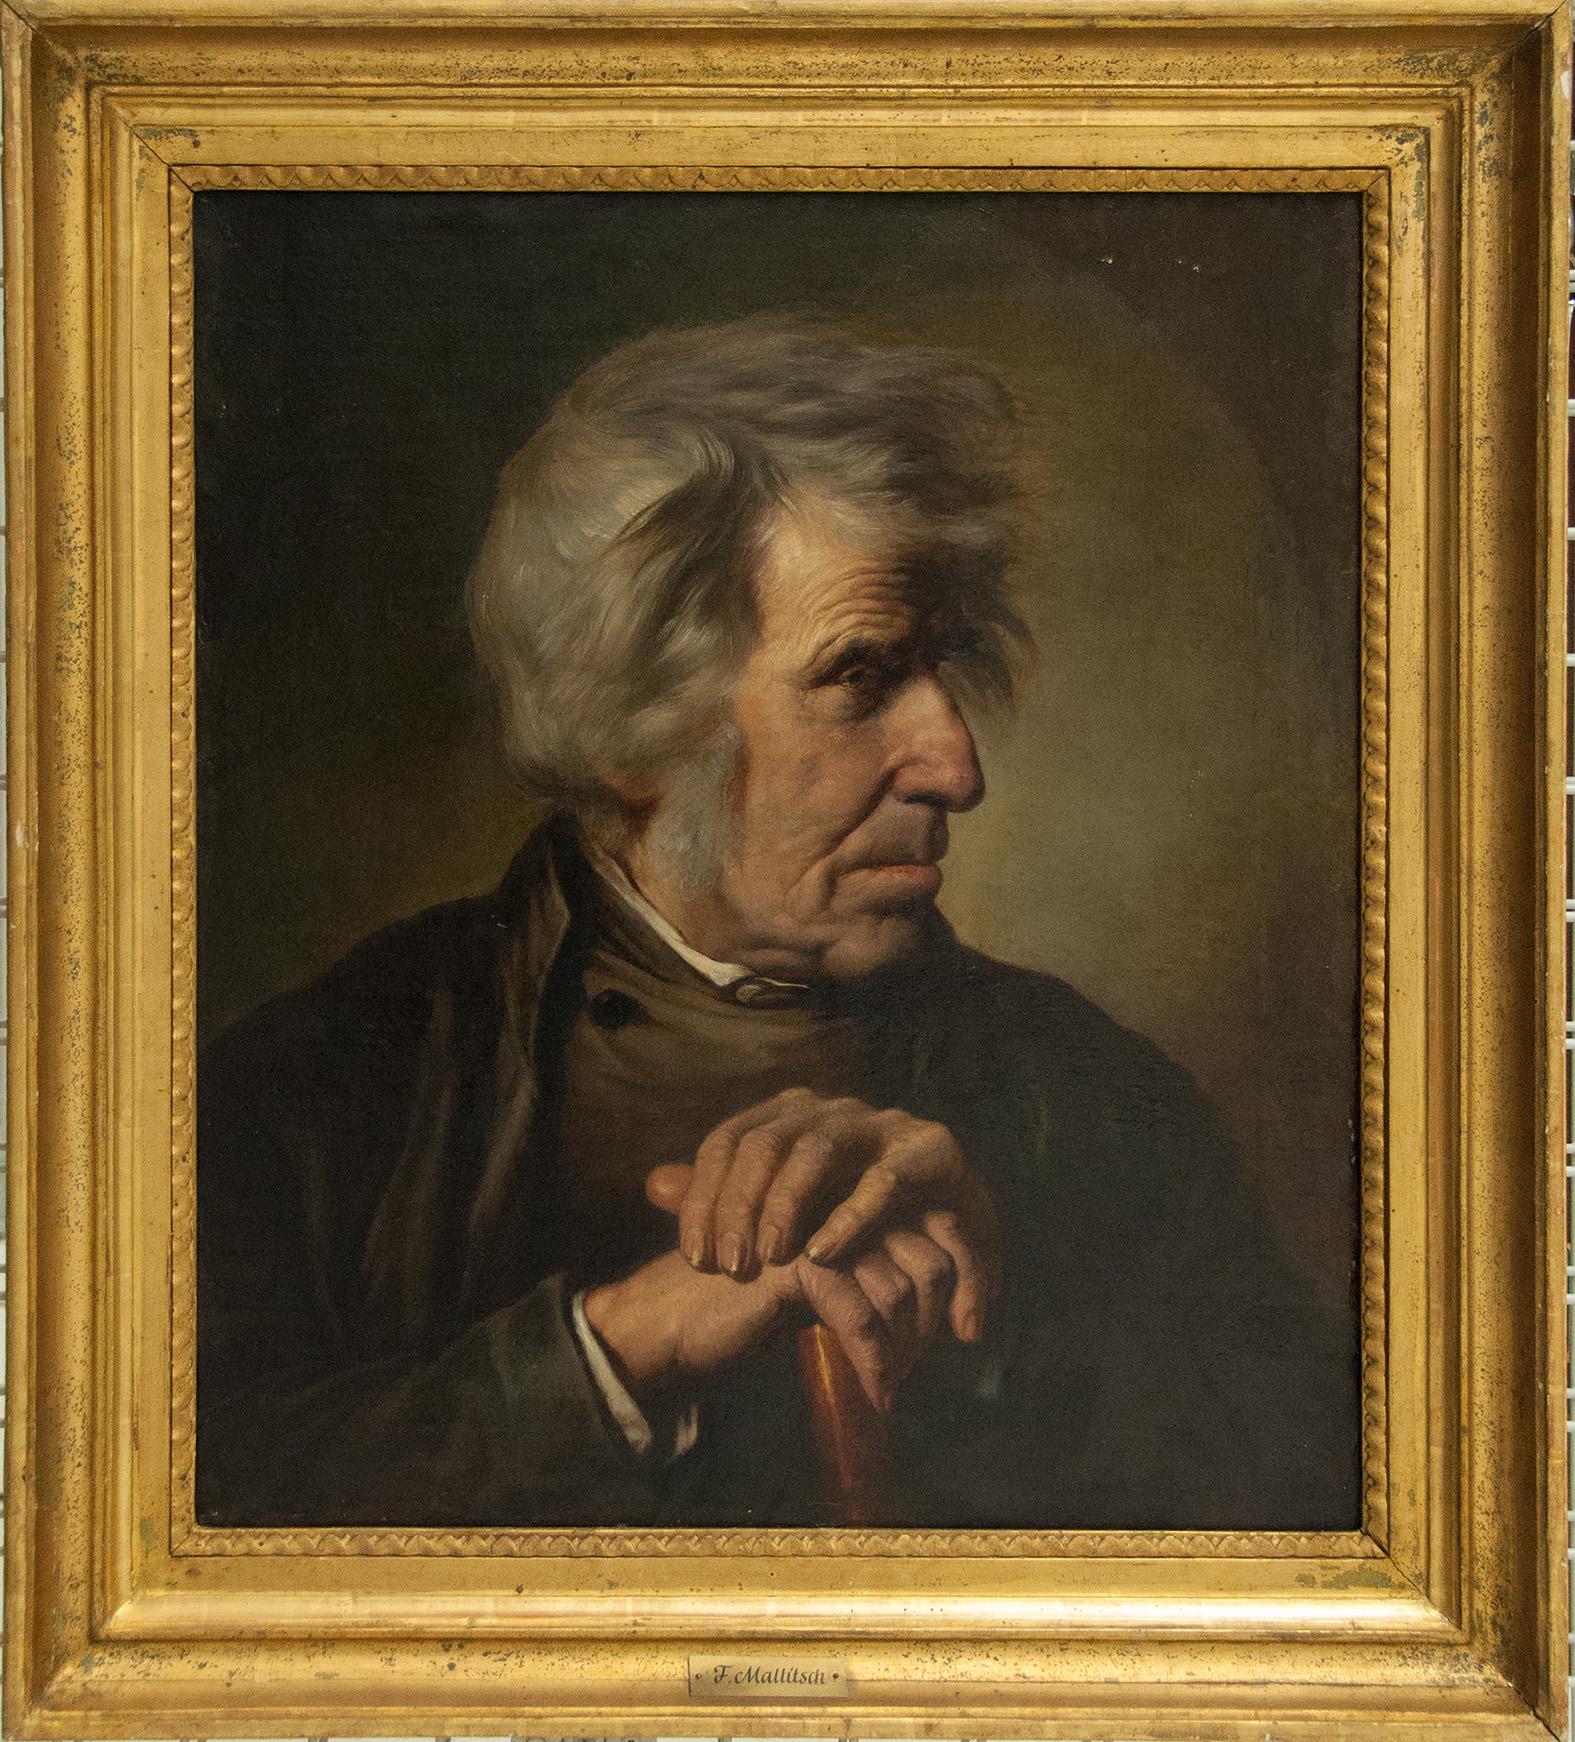 DU, Mallitsch Ferdinand, Brustbild eines alten Mannes, 1855, Öl/Leinwand, Depot der Neuen Galerie, Foto: UMJ